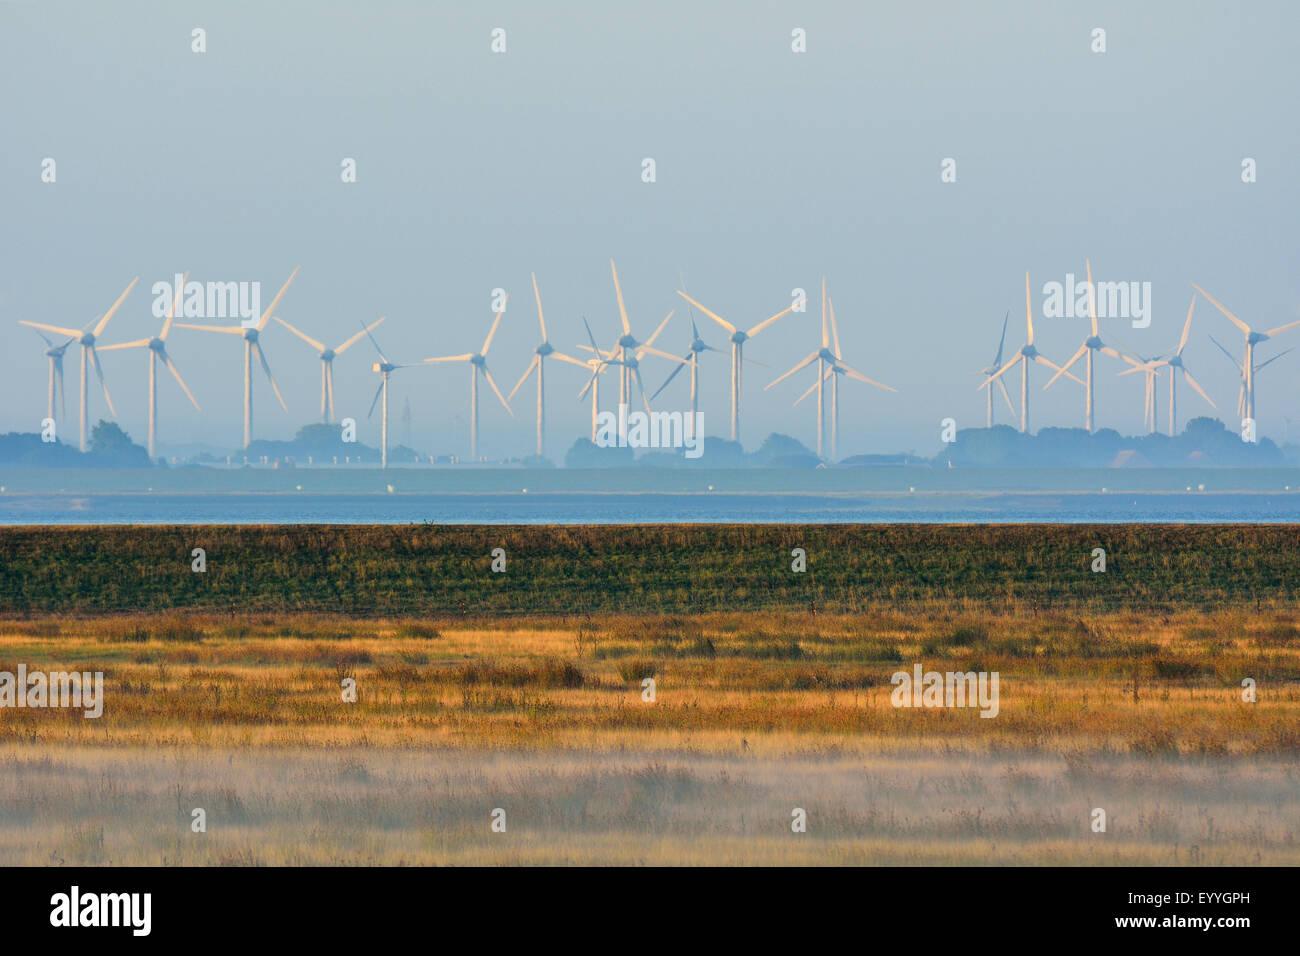 Marschland mit Windkraftanlagen, Deutschland, Niedersachsen, Norderney Stockbild